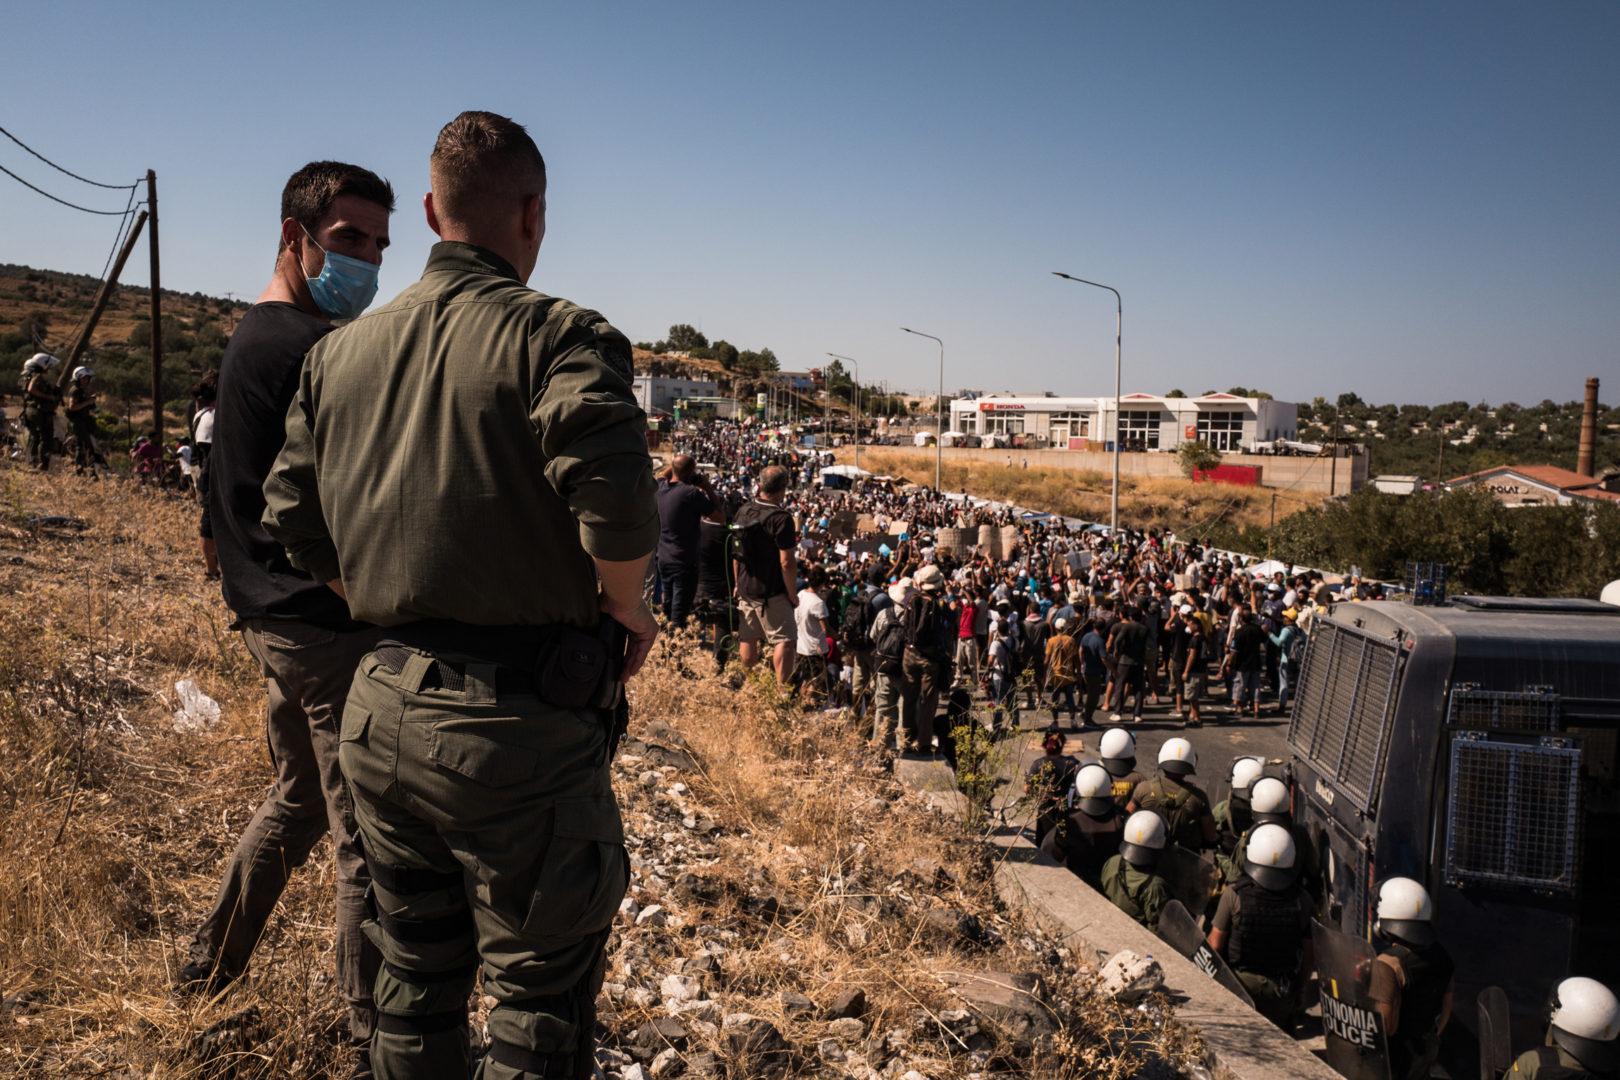 Die griechische Polizei beobachtet einen Protest von Flüchtlingen aus dem Lager Moria. Foto: Nicola Zolin